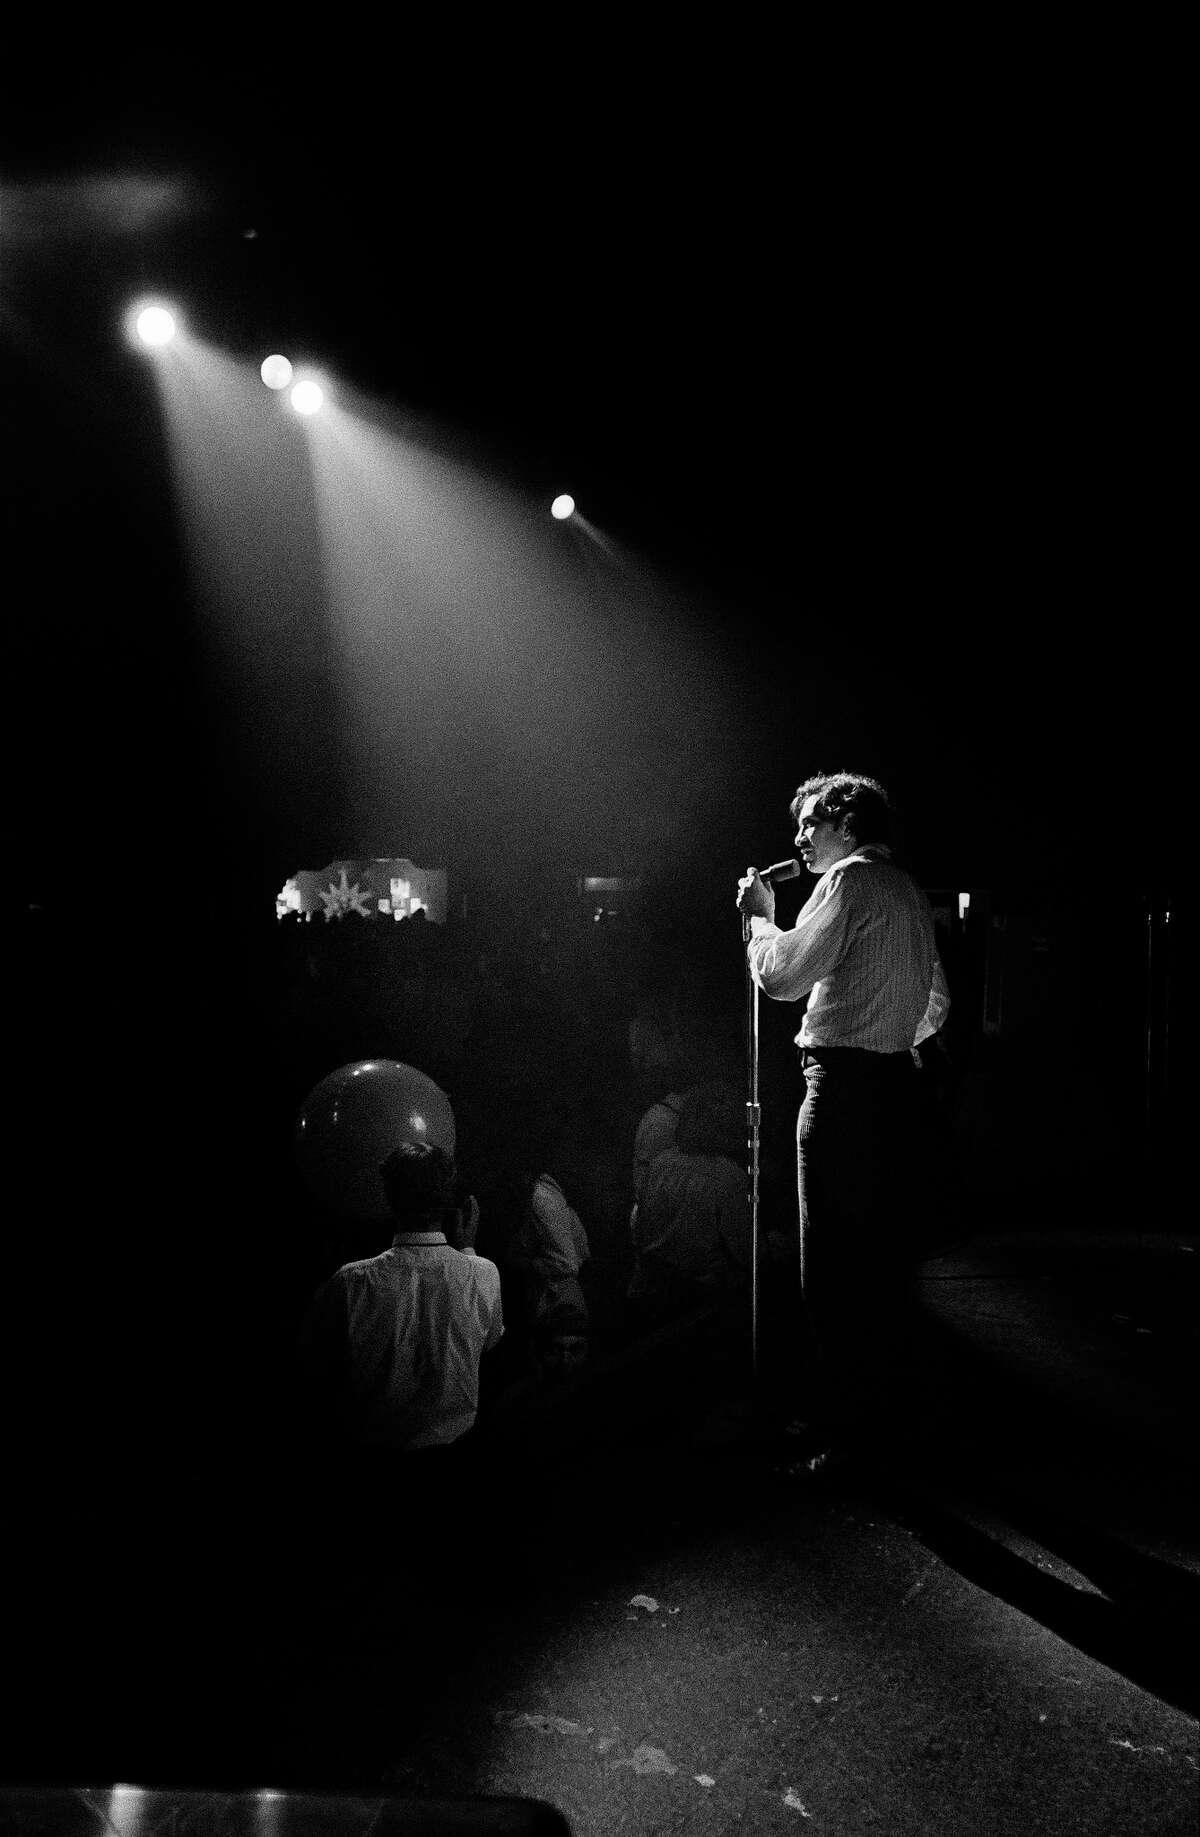 Bill Graham at Avalon Ballroom, 1967